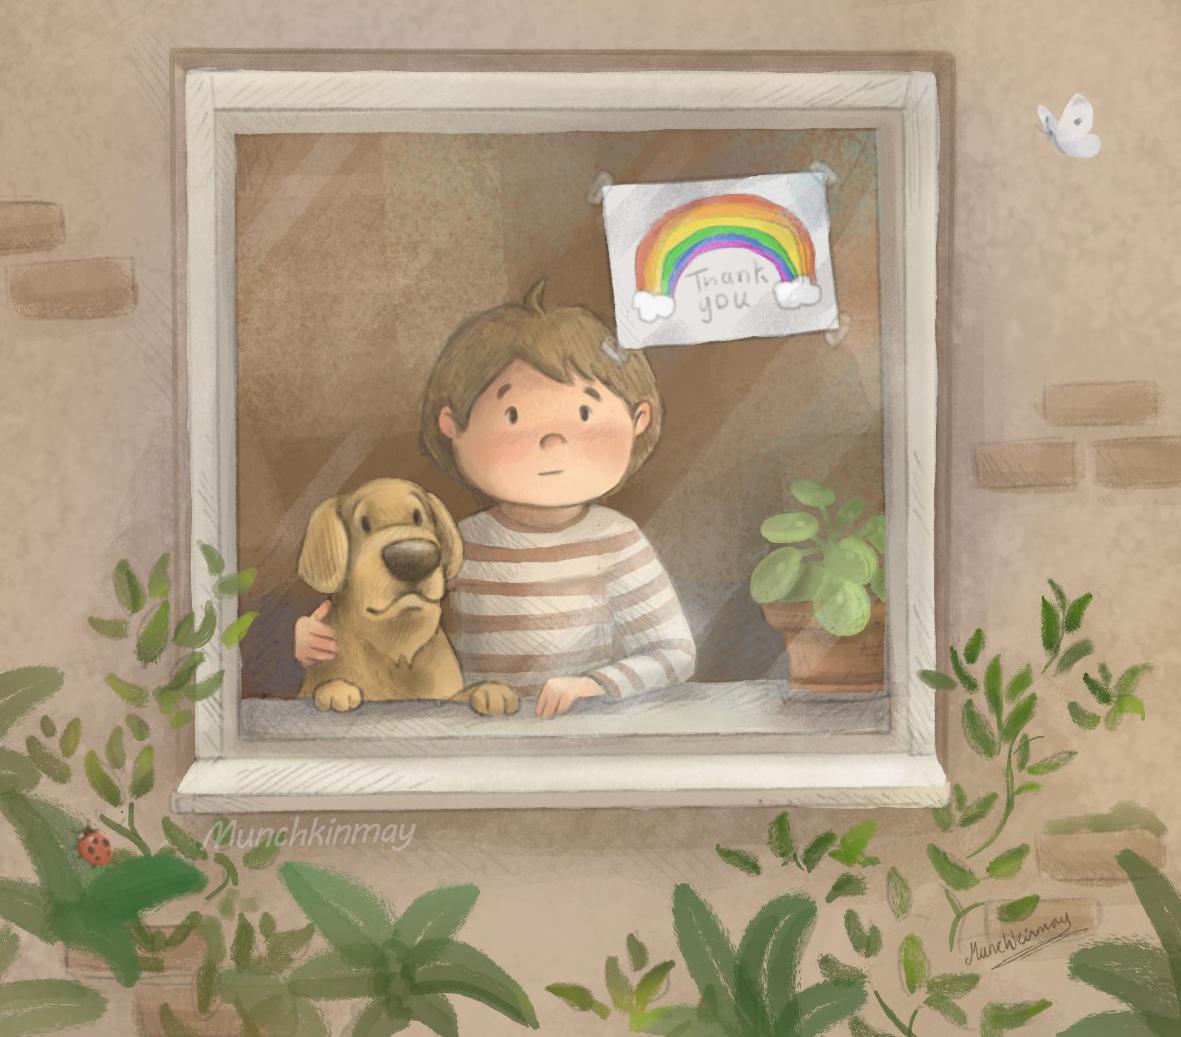 Rainbow on the window